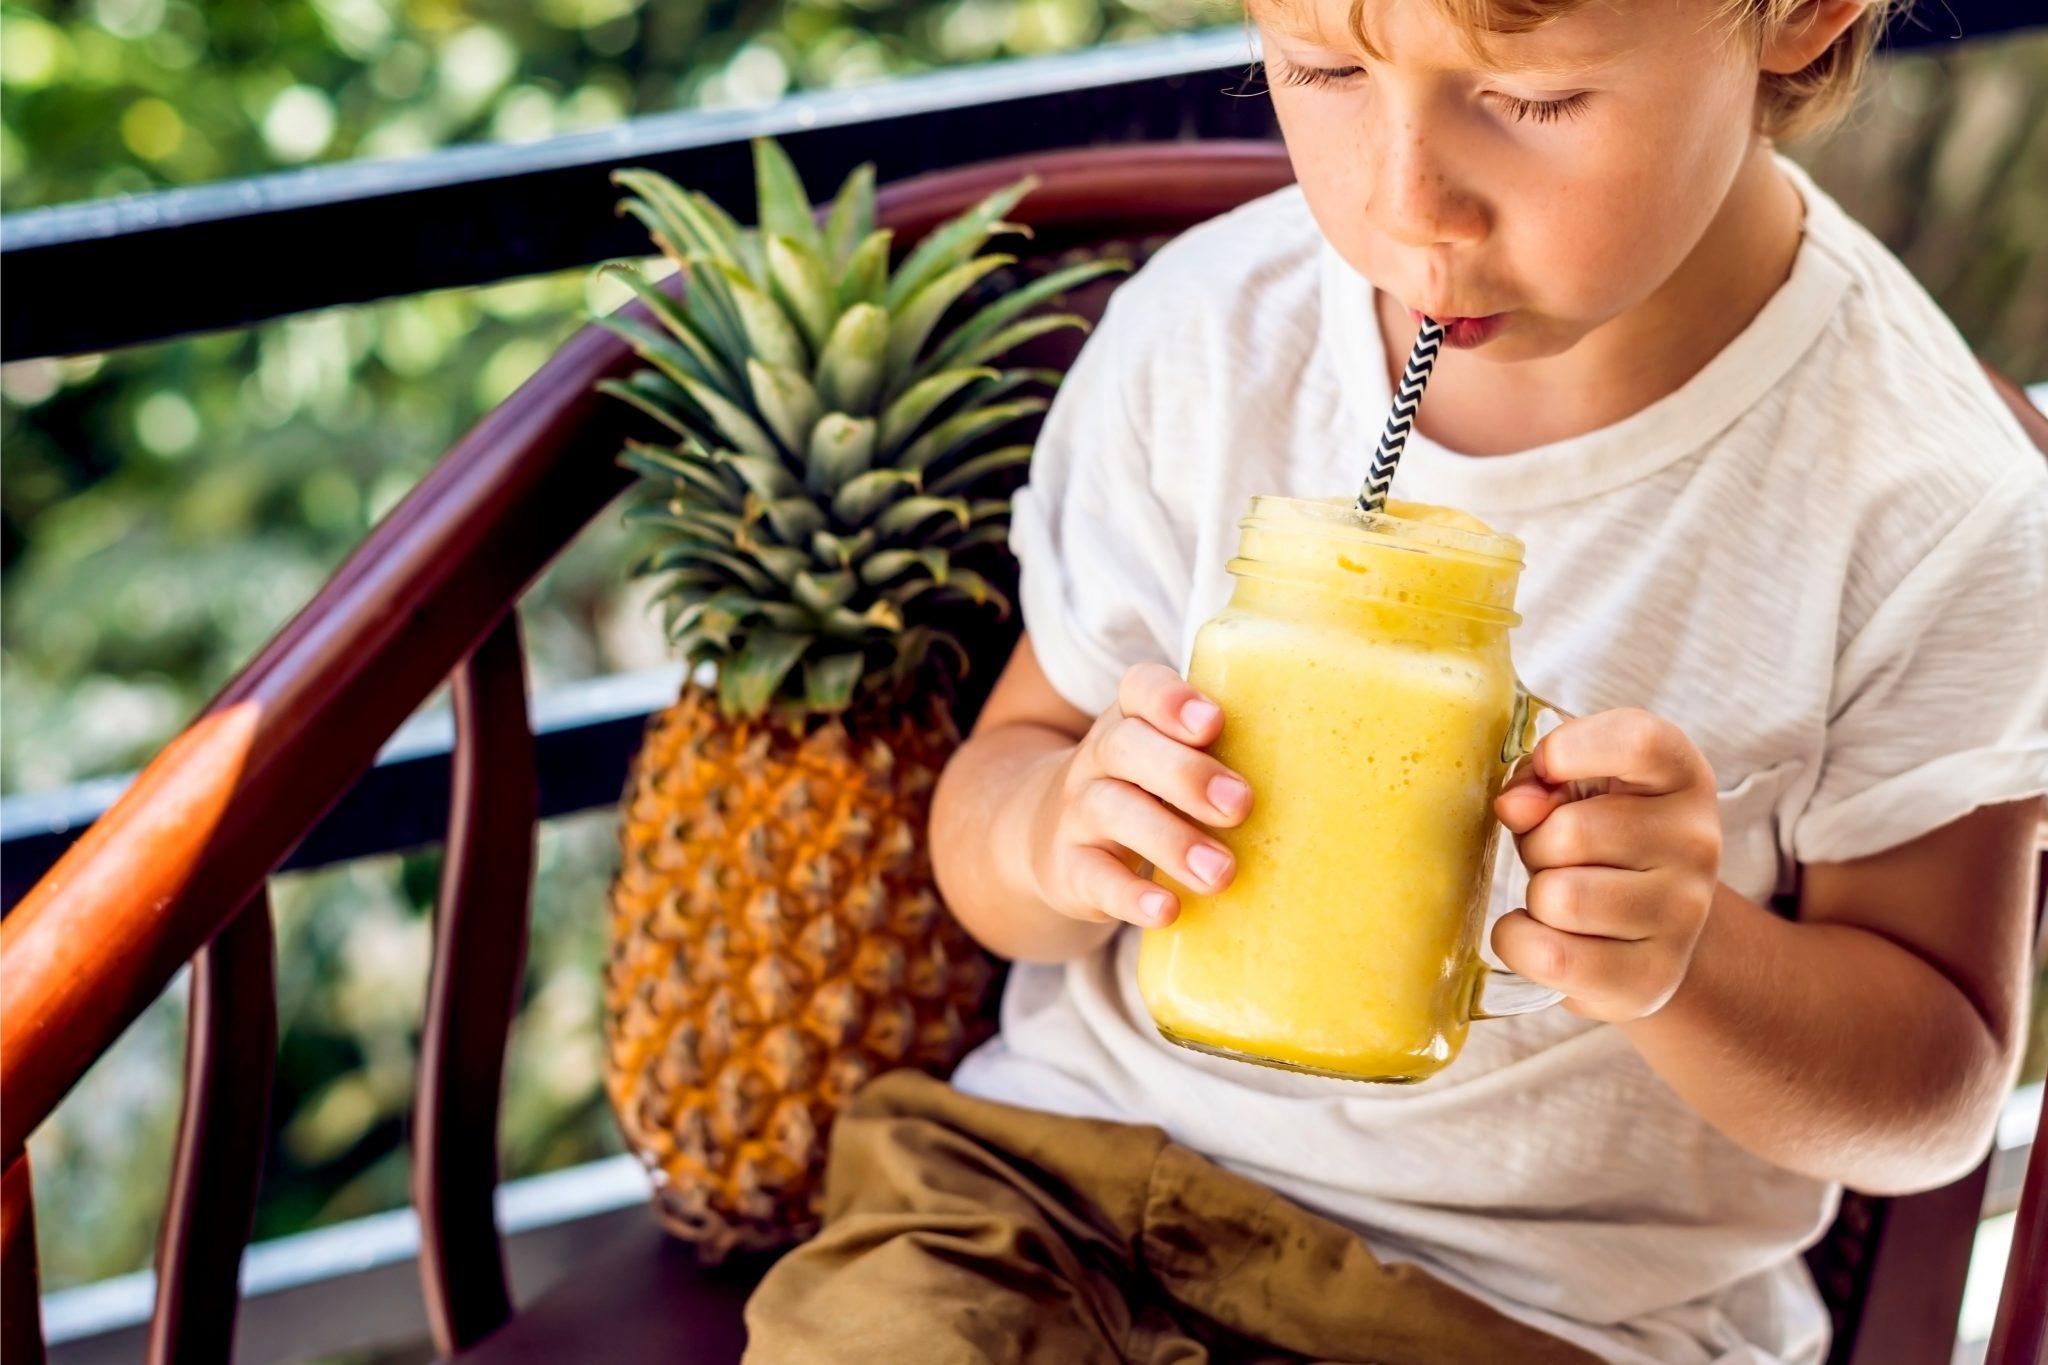 パイナップルジュースを飲んでる男の子